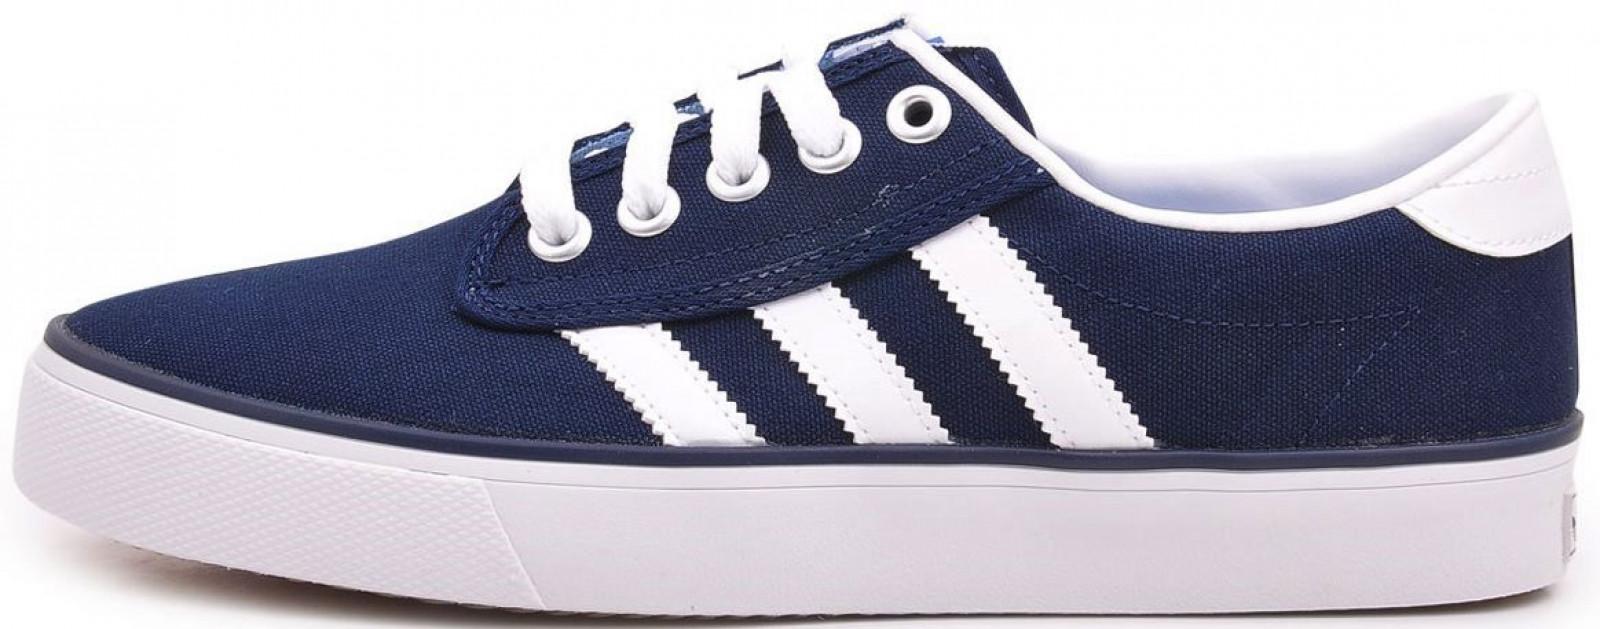 Adidas Originals Shoes KIEL Blue White